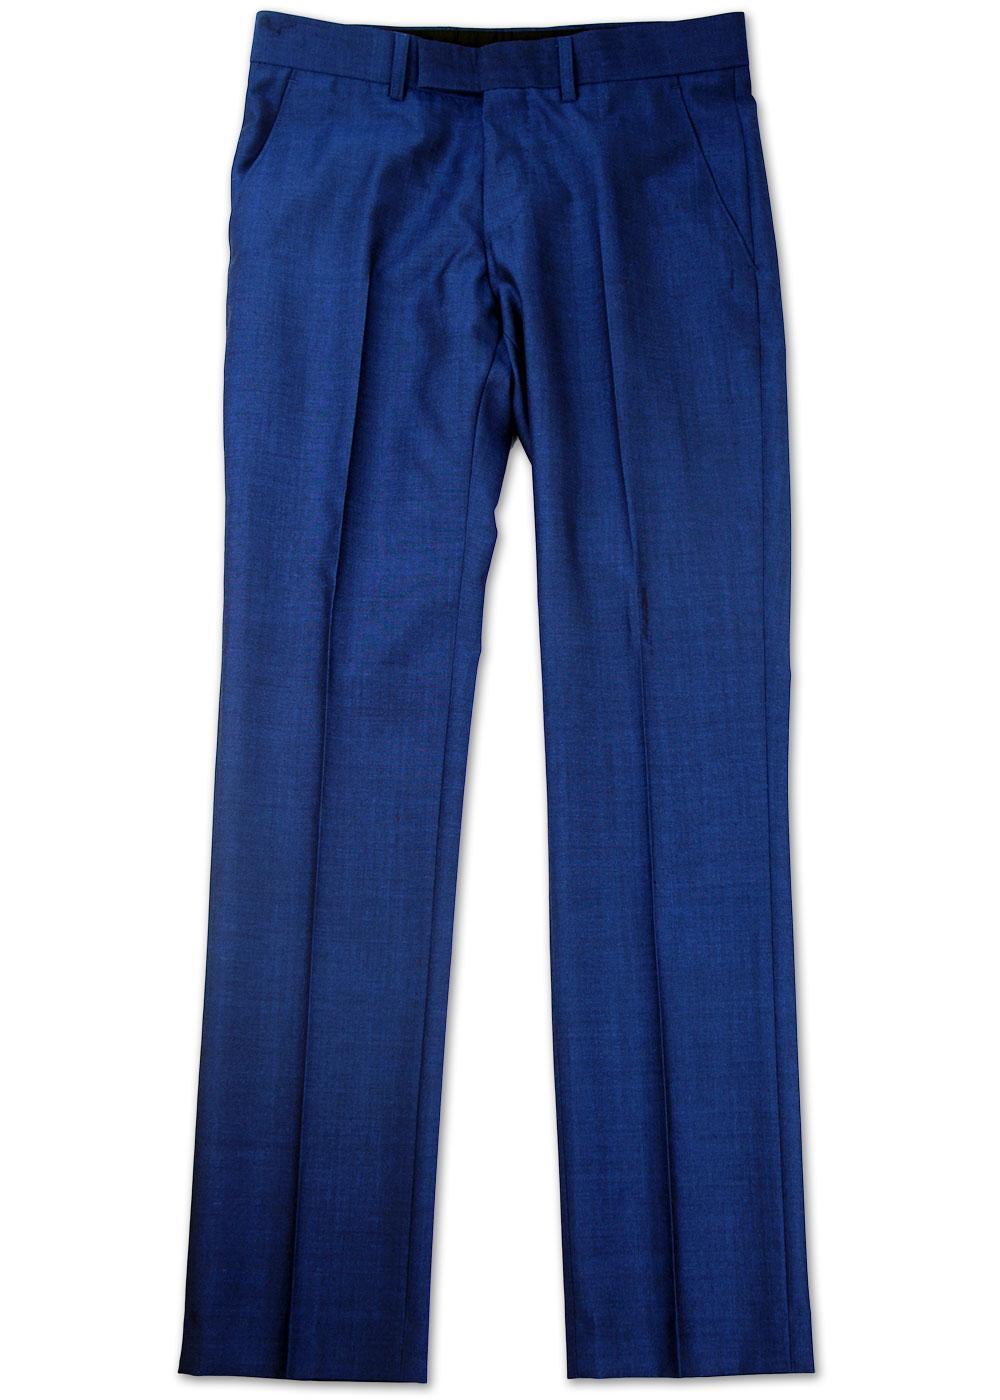 MADCAP ENGLAND Mod Slim Mohair Tonic Suit Trousers